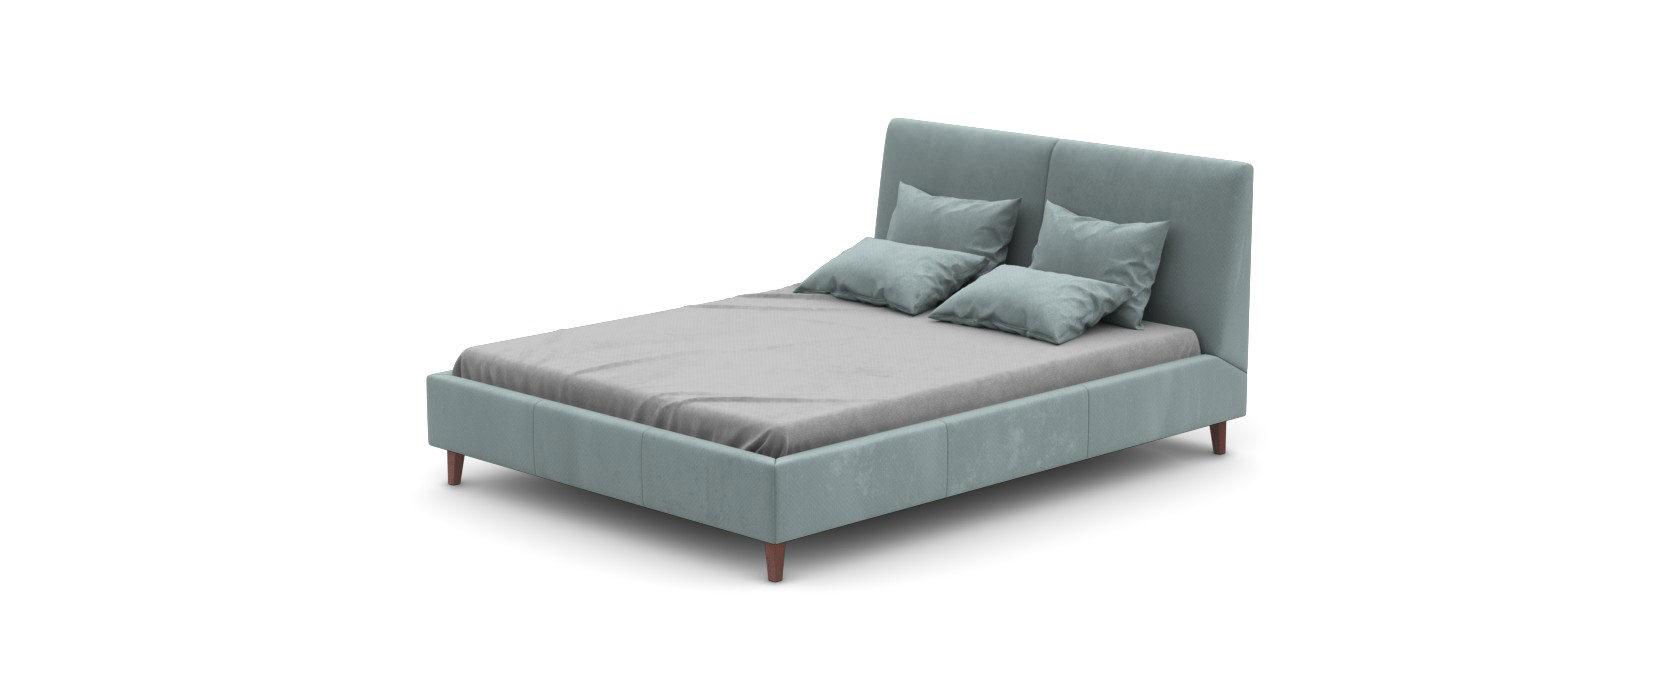 Кровать Salerno - Pufetto